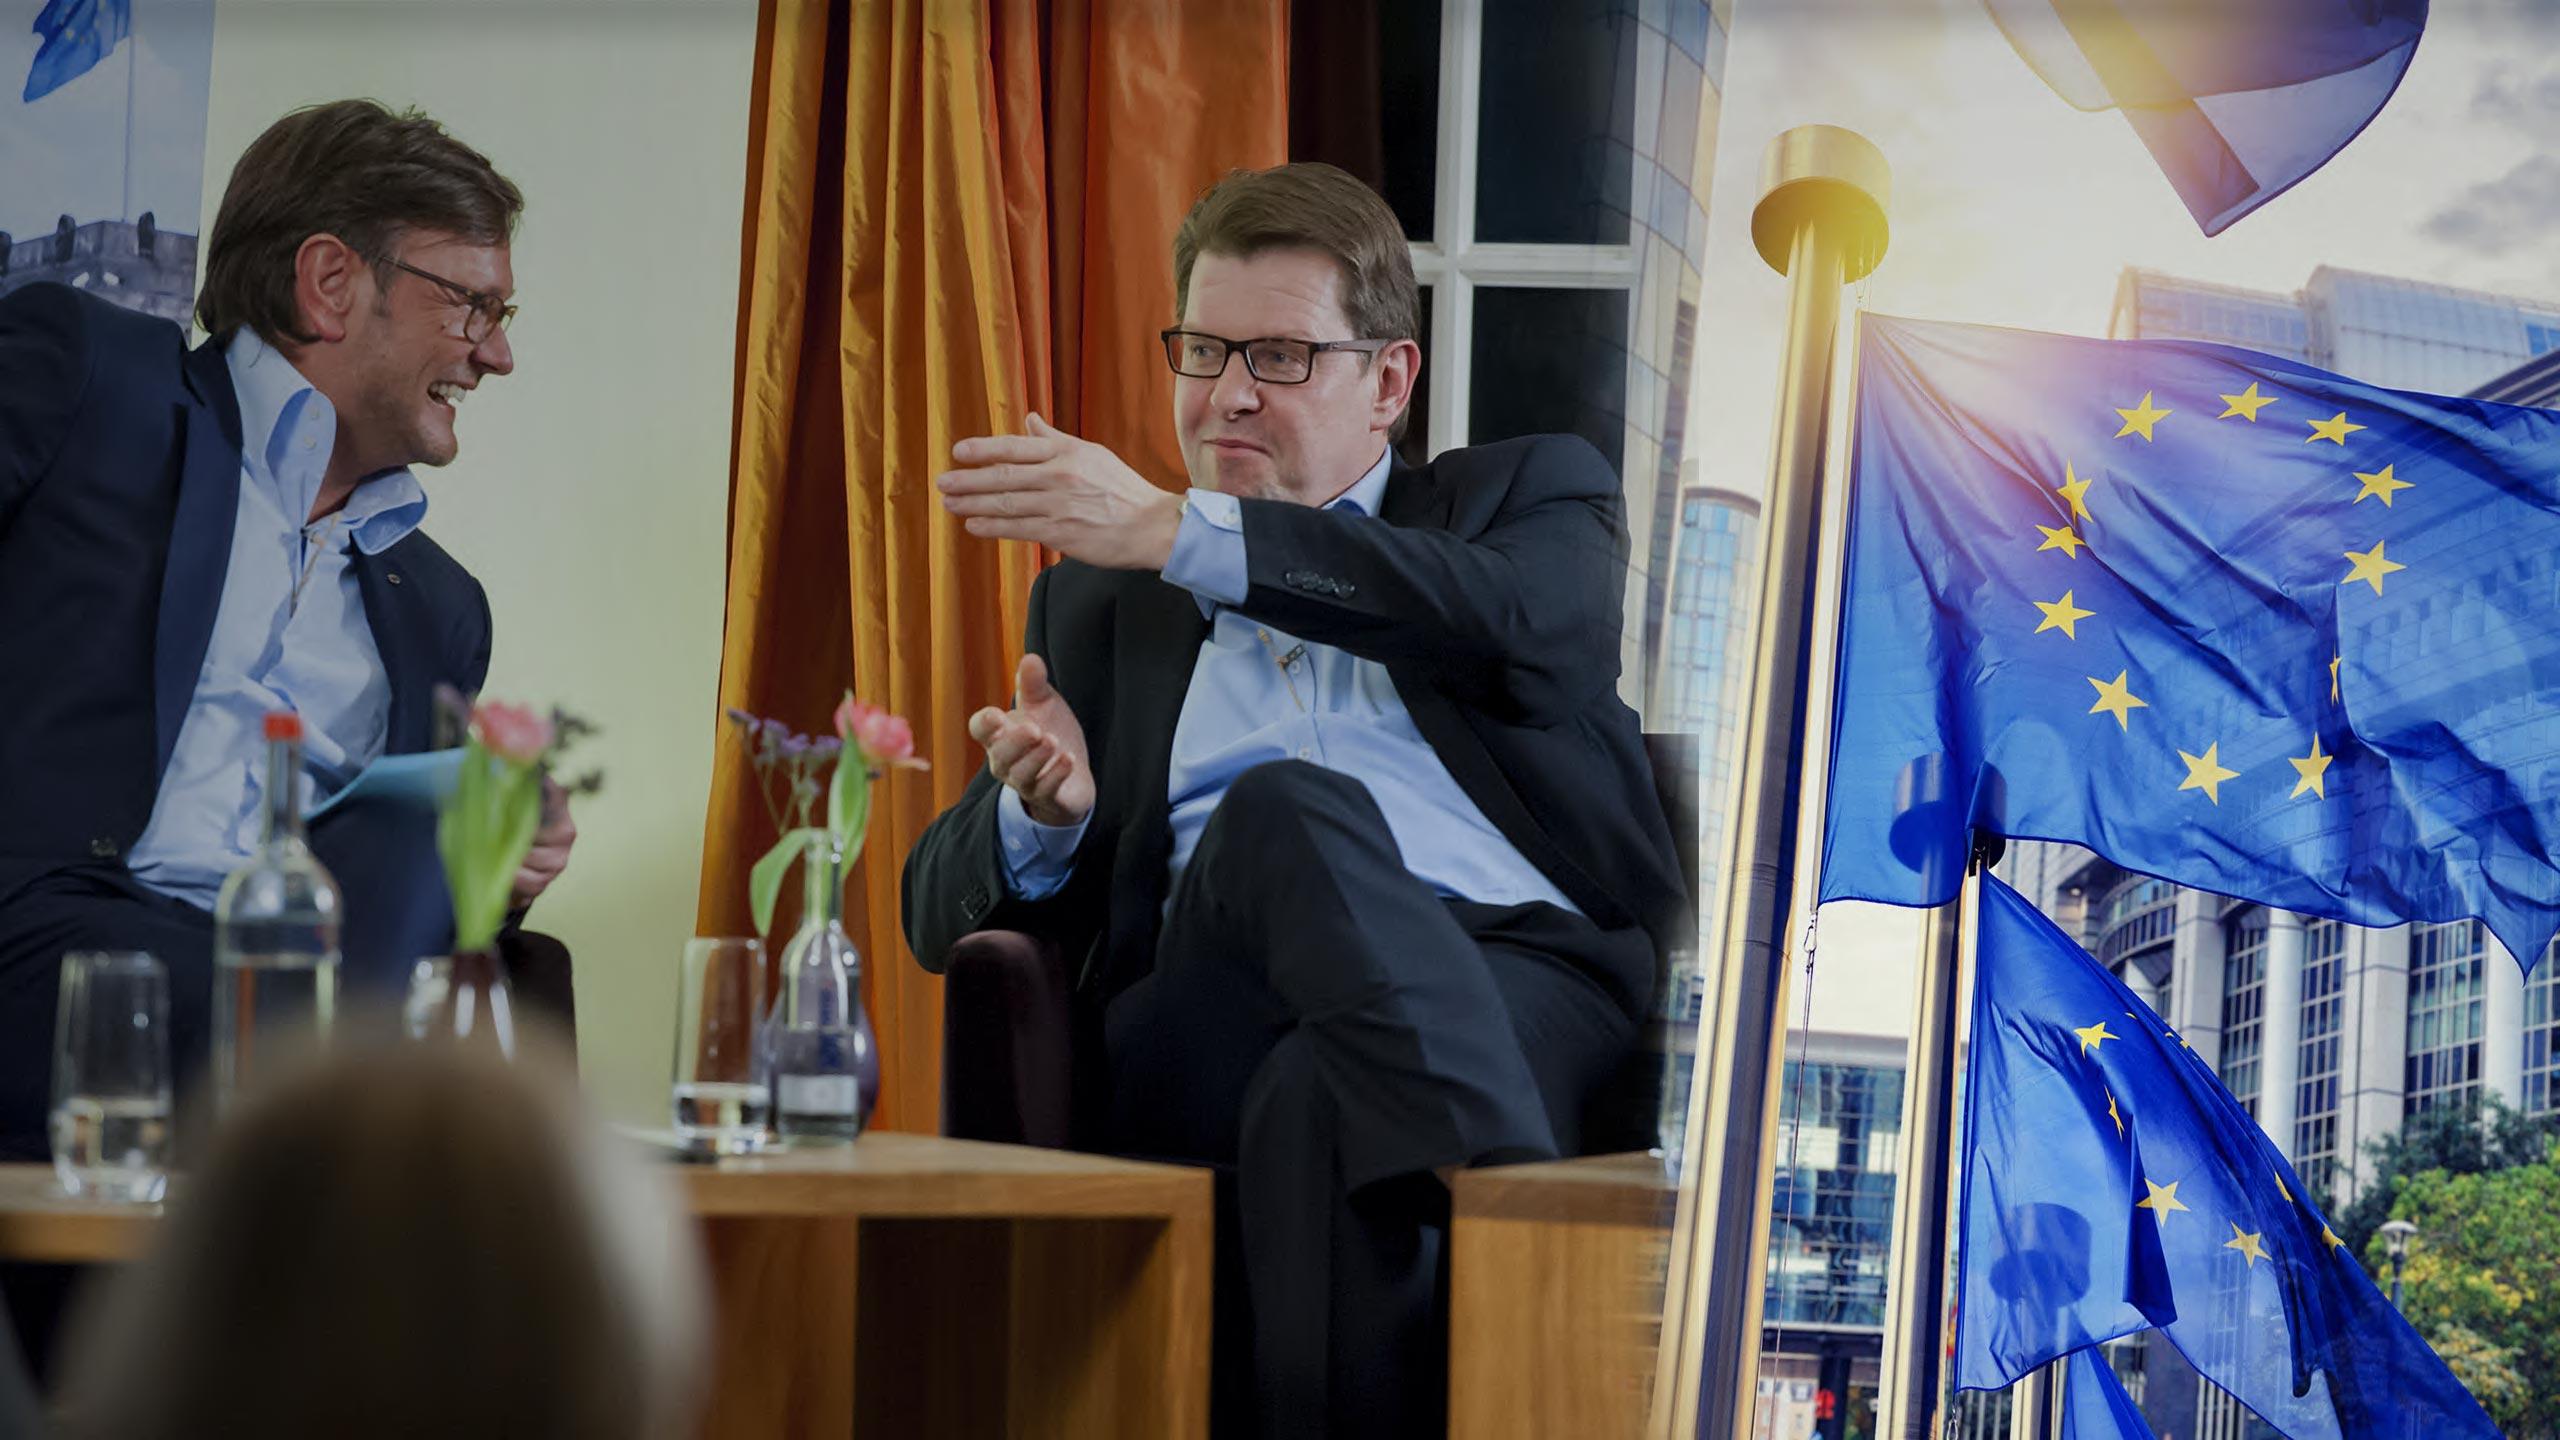 slider-02-der-pfeiffer-moderation-politischer-interviewer